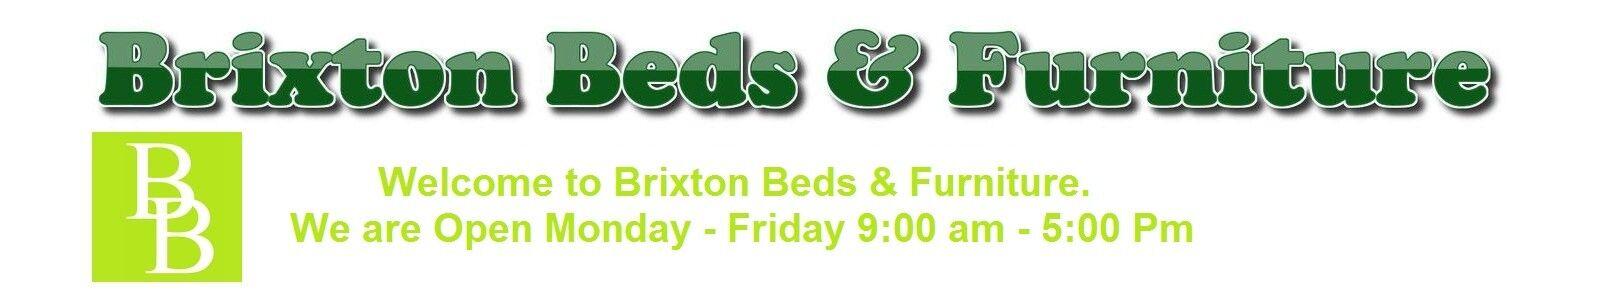 brixton beds & furniture